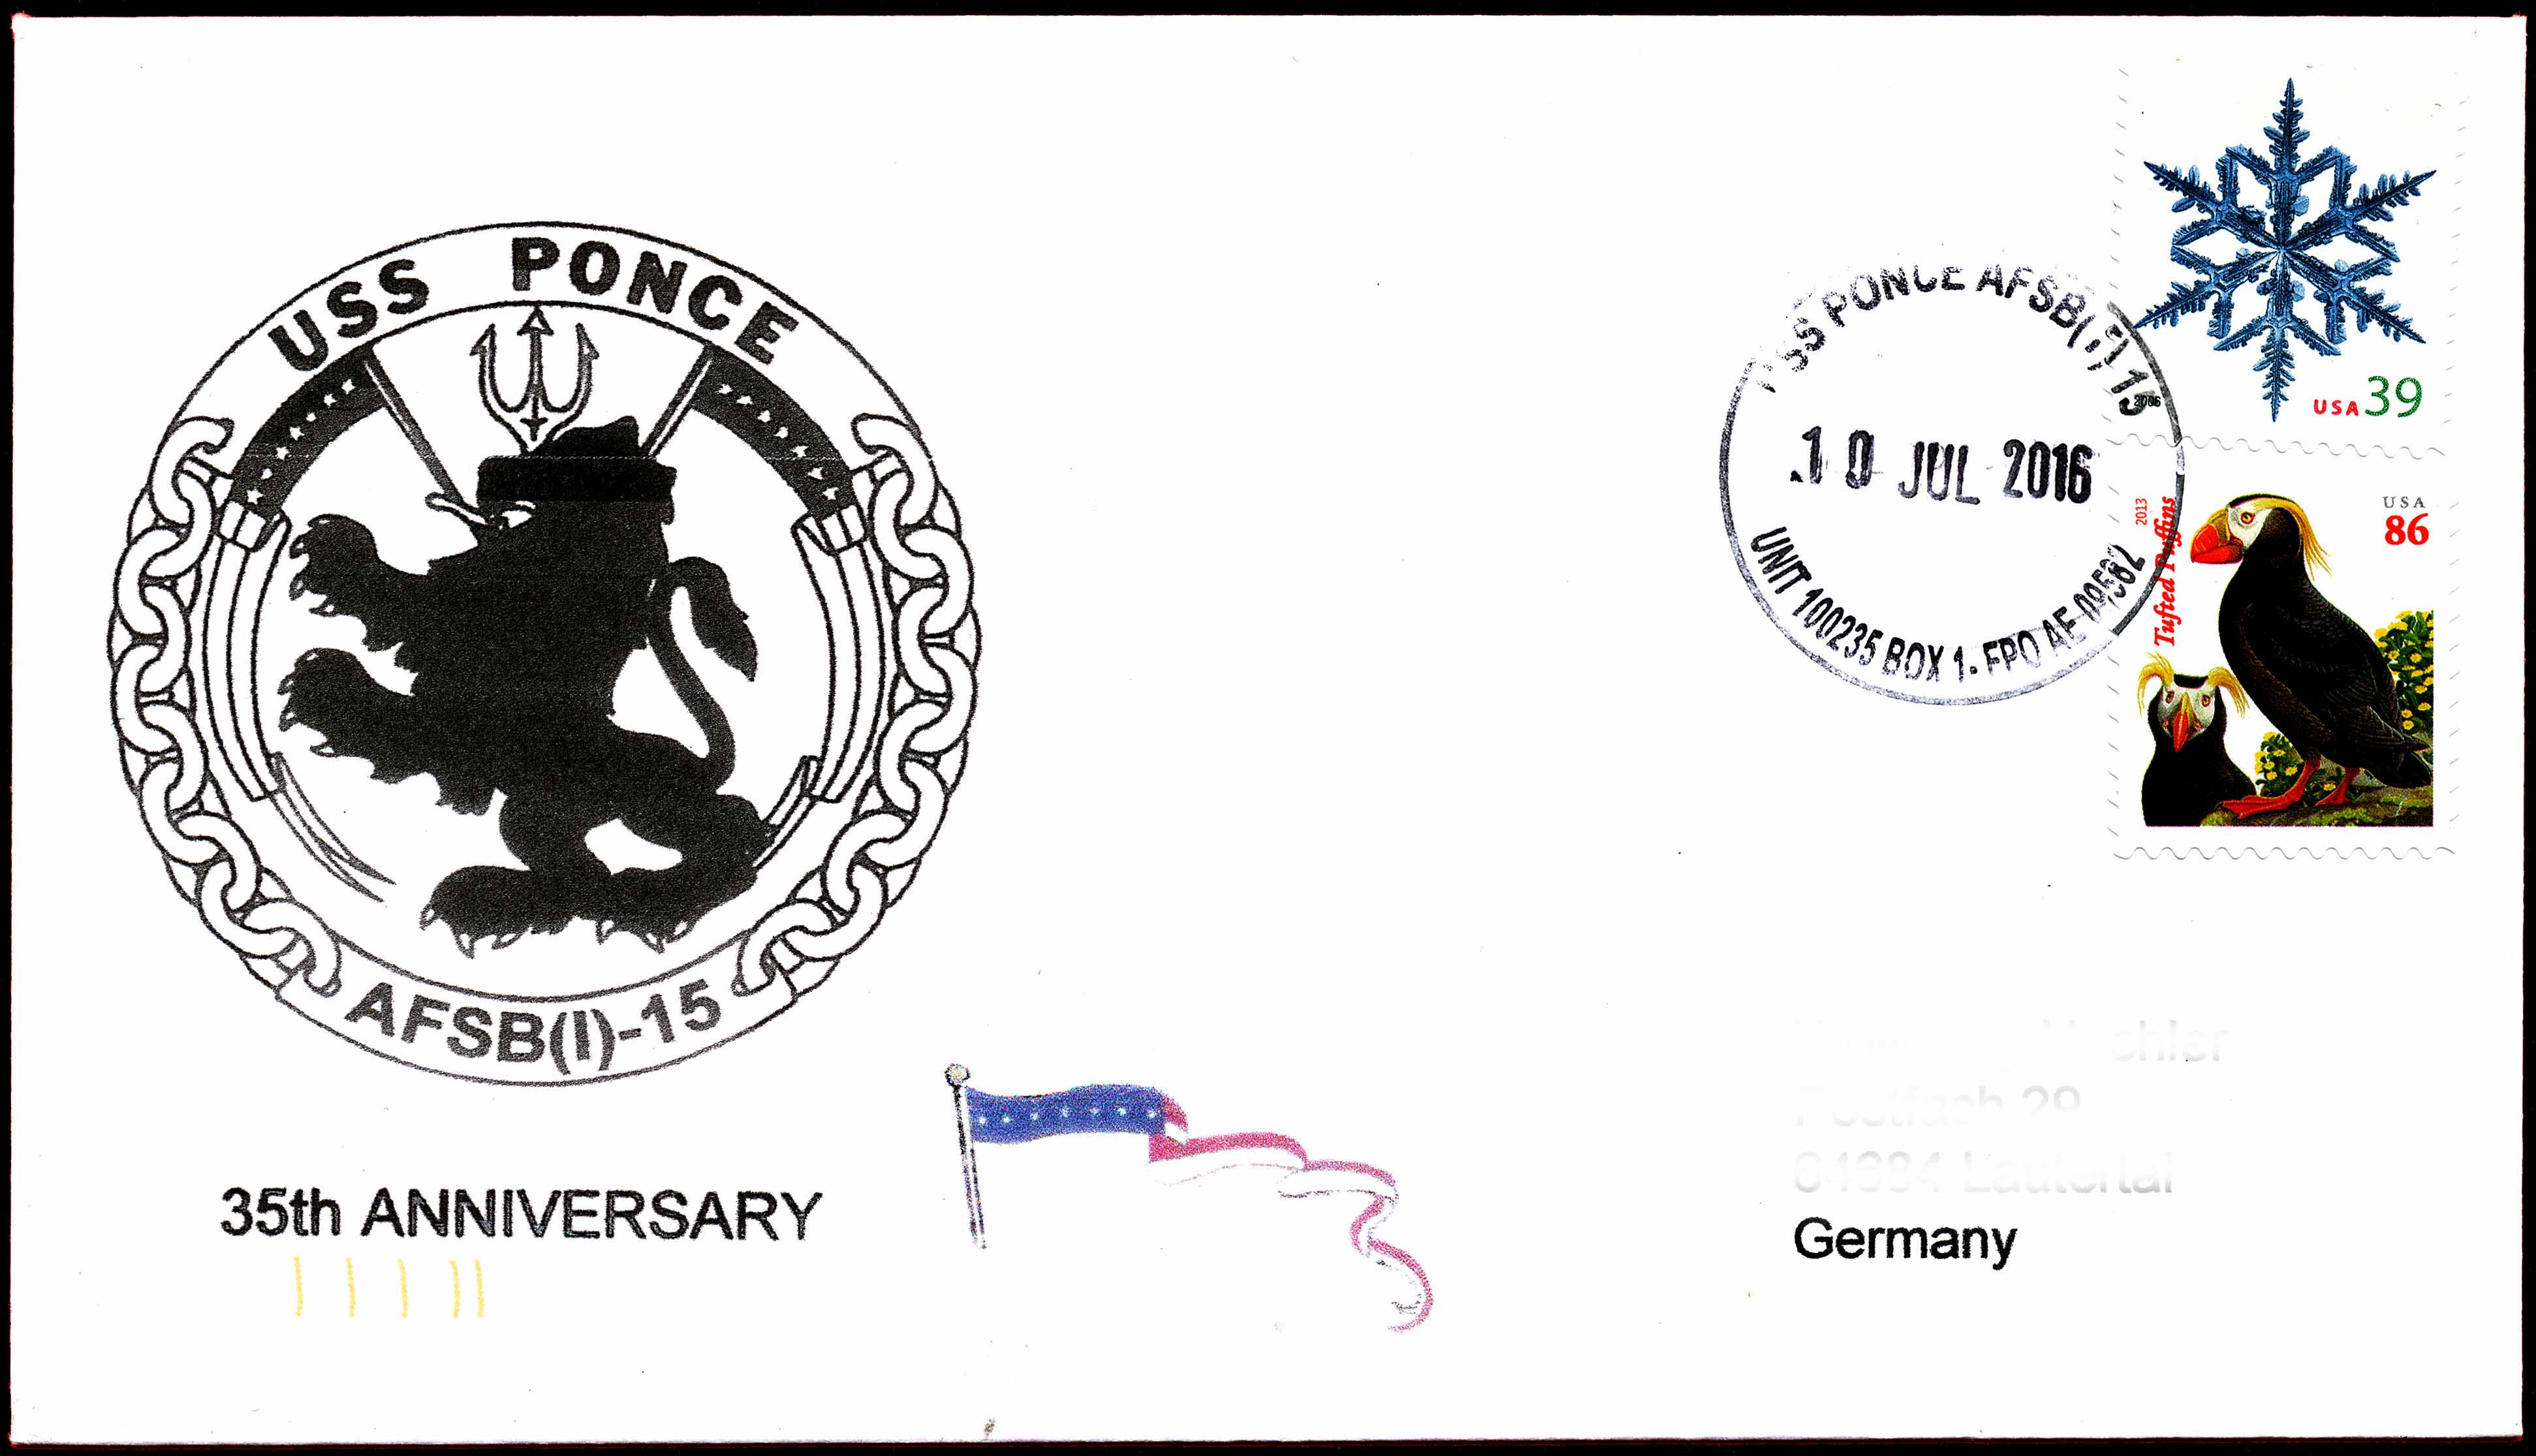 Beleg USS PONCE AFSB(I)-15  45 Jahre im Dienst von Wolfgang Hechler